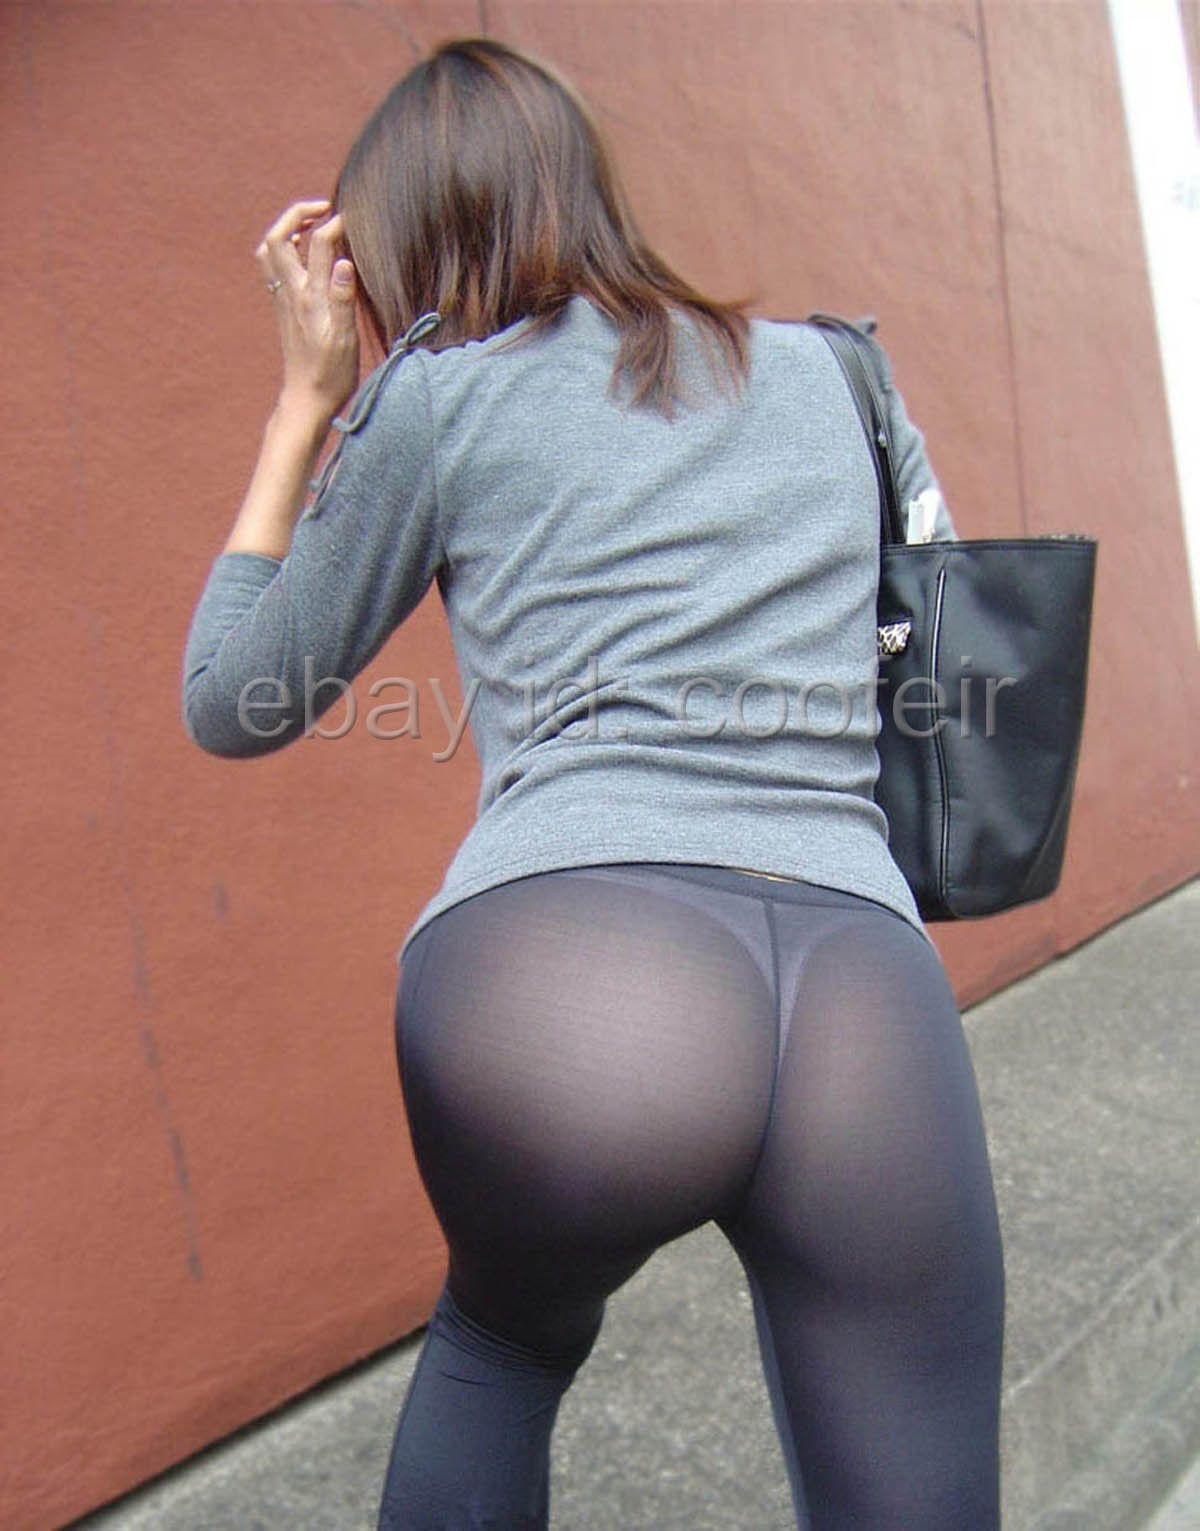 Tight ass yoga pants